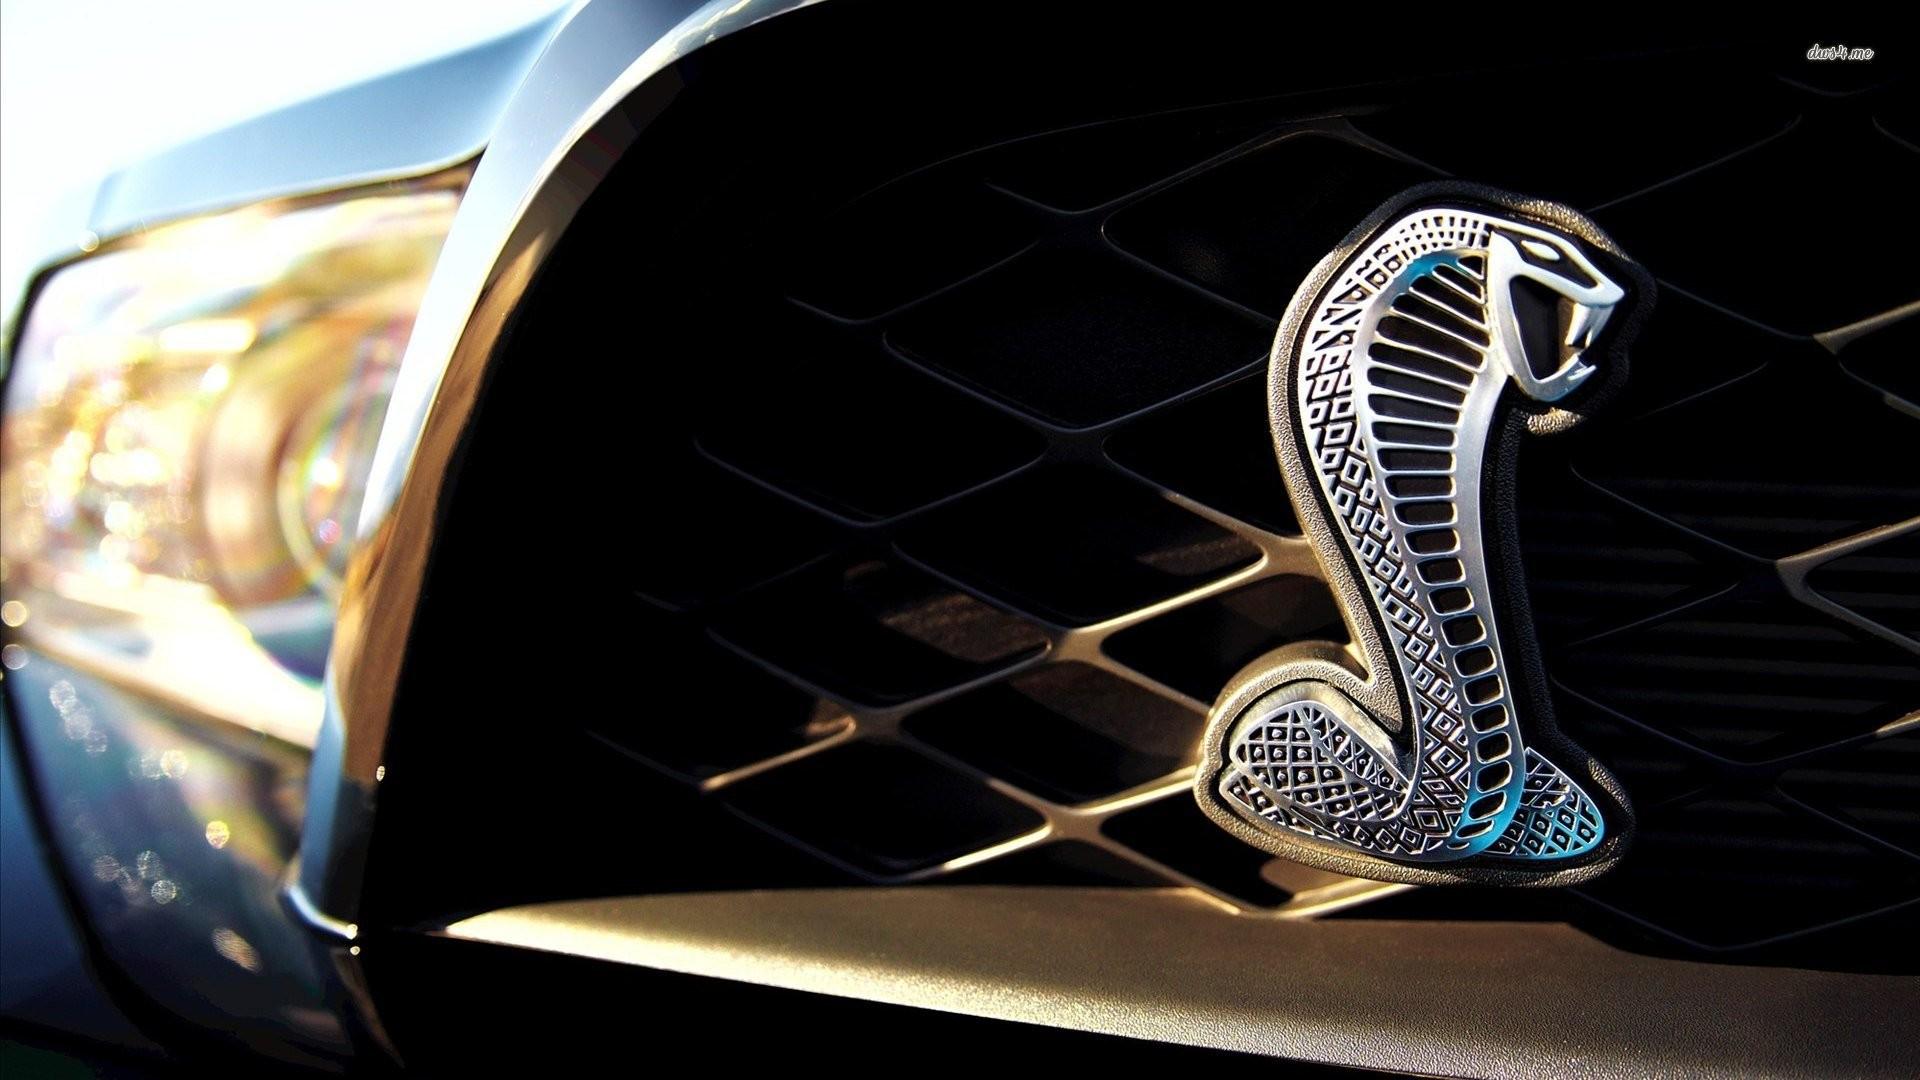 Shelby Mustang Logo Wallpaper